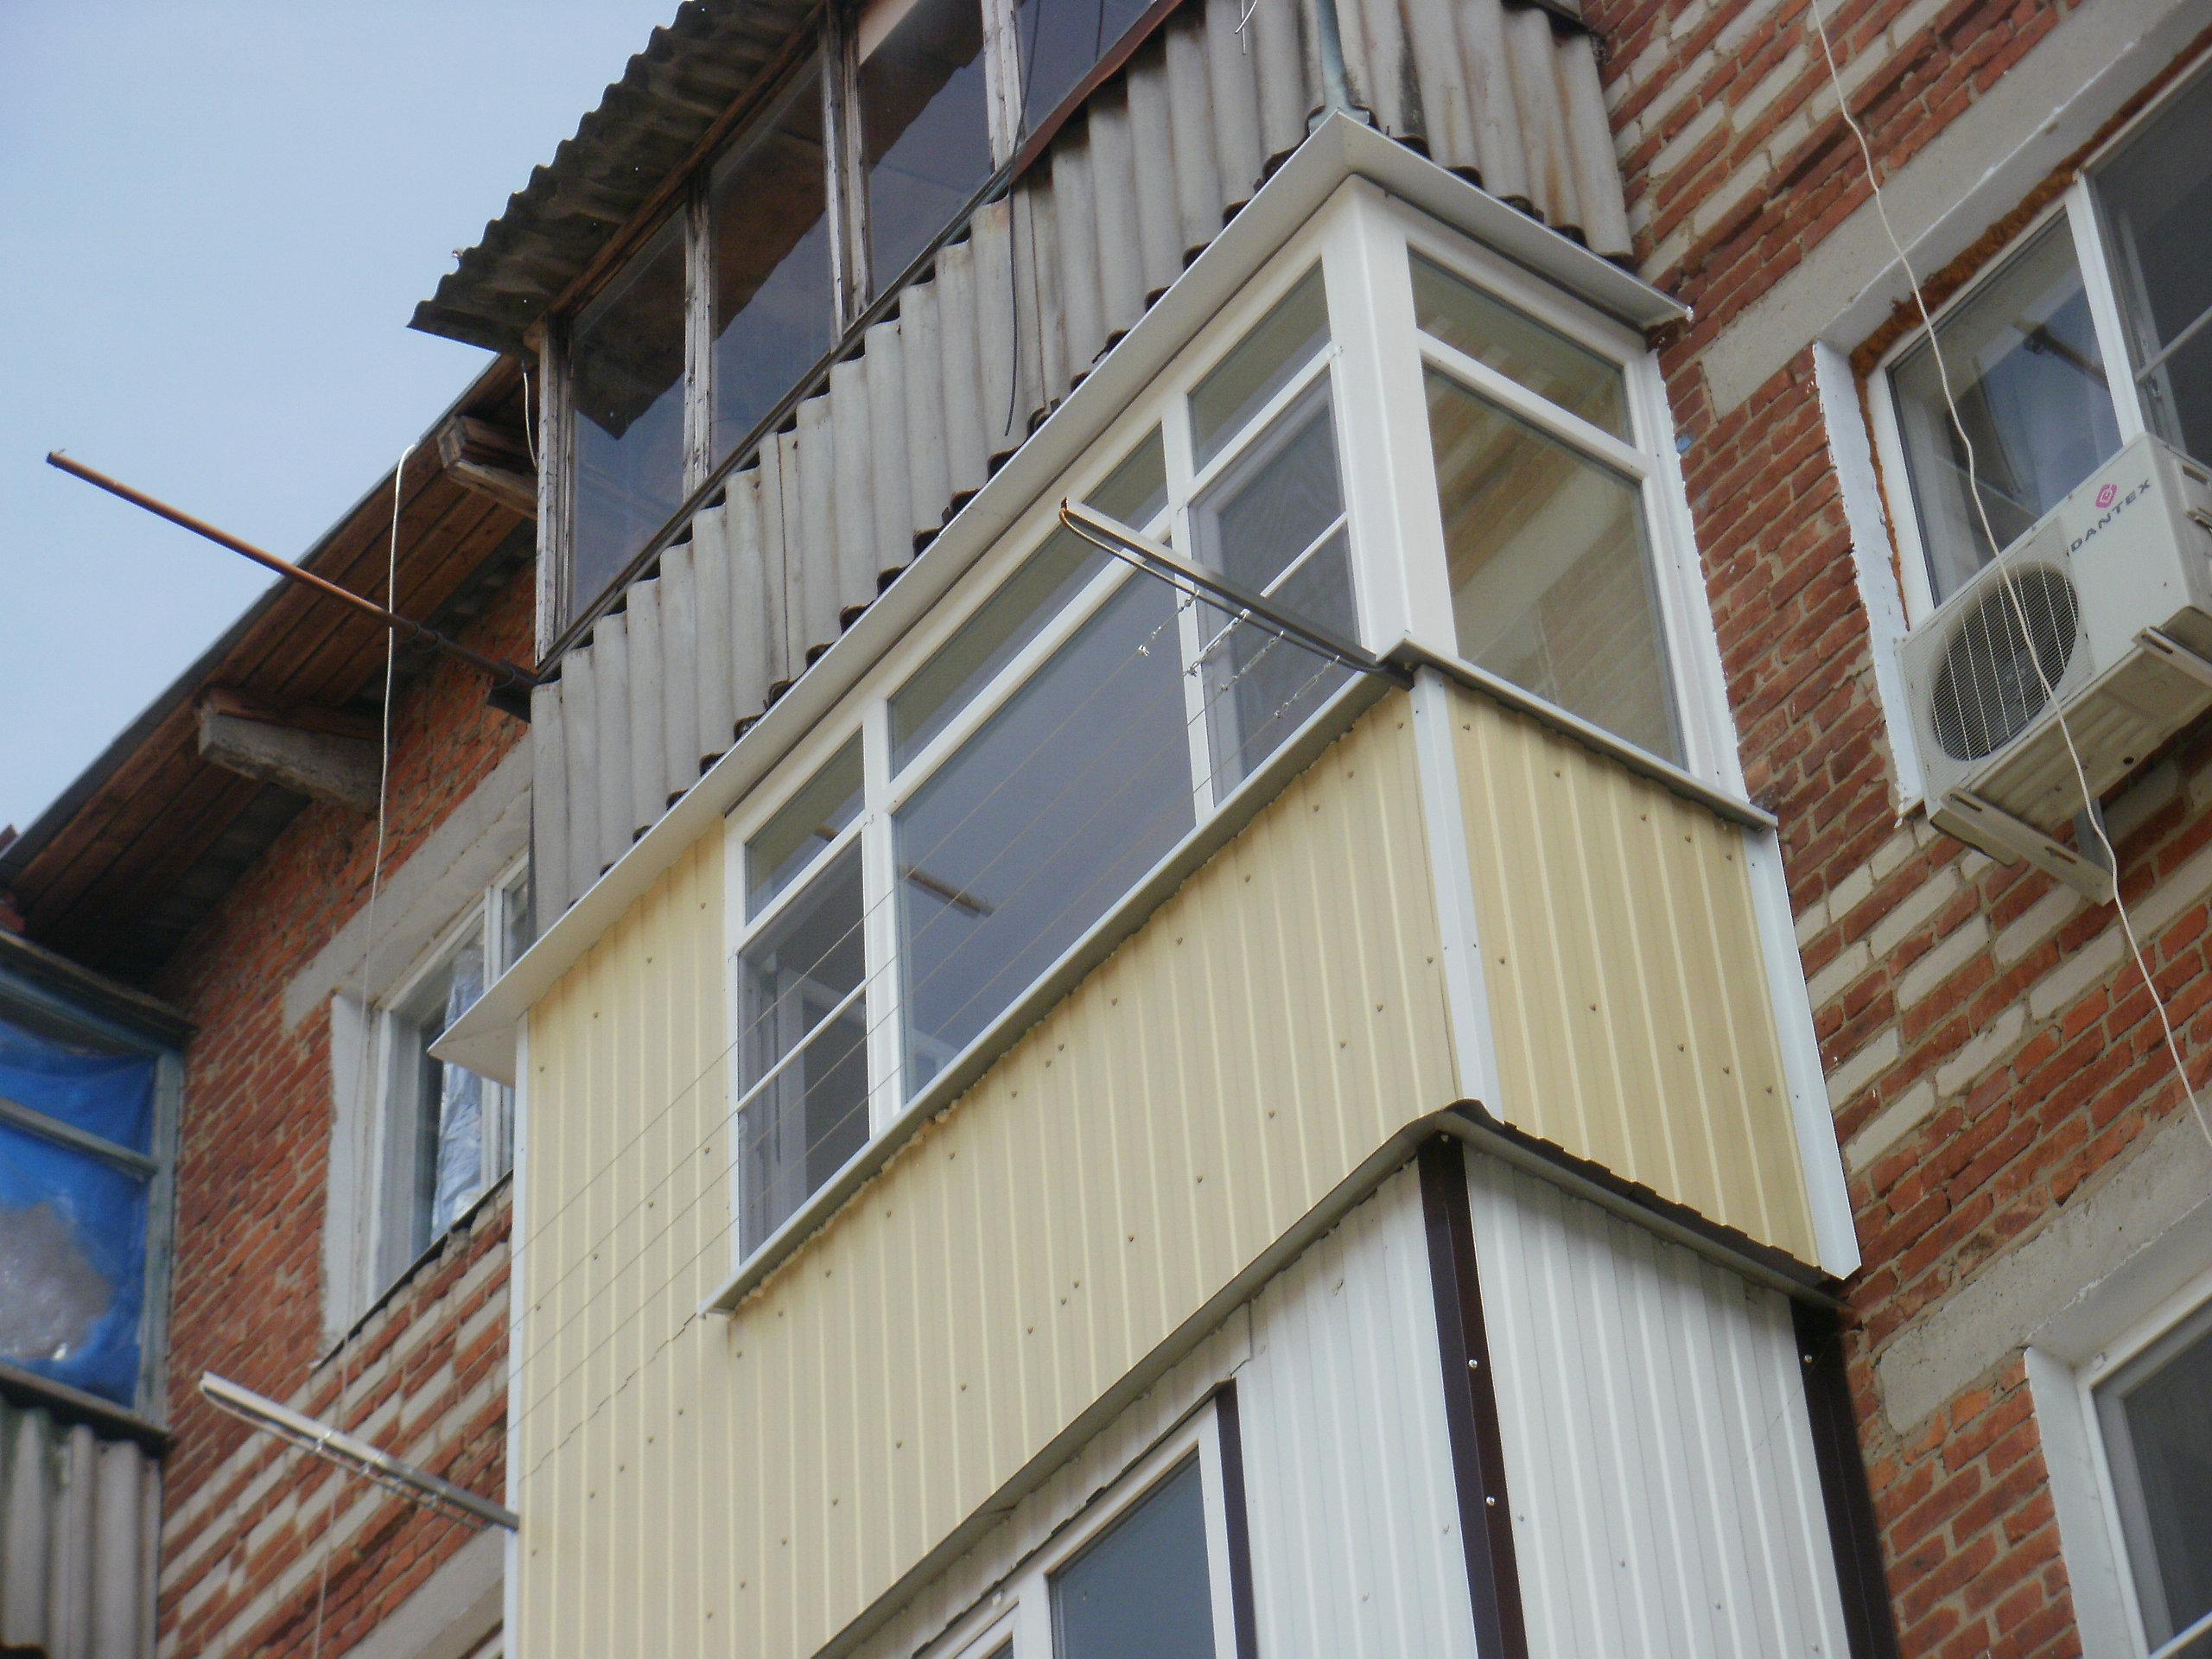 Балконы под ключ в краснодаре в короткие сроки. недорого! об.